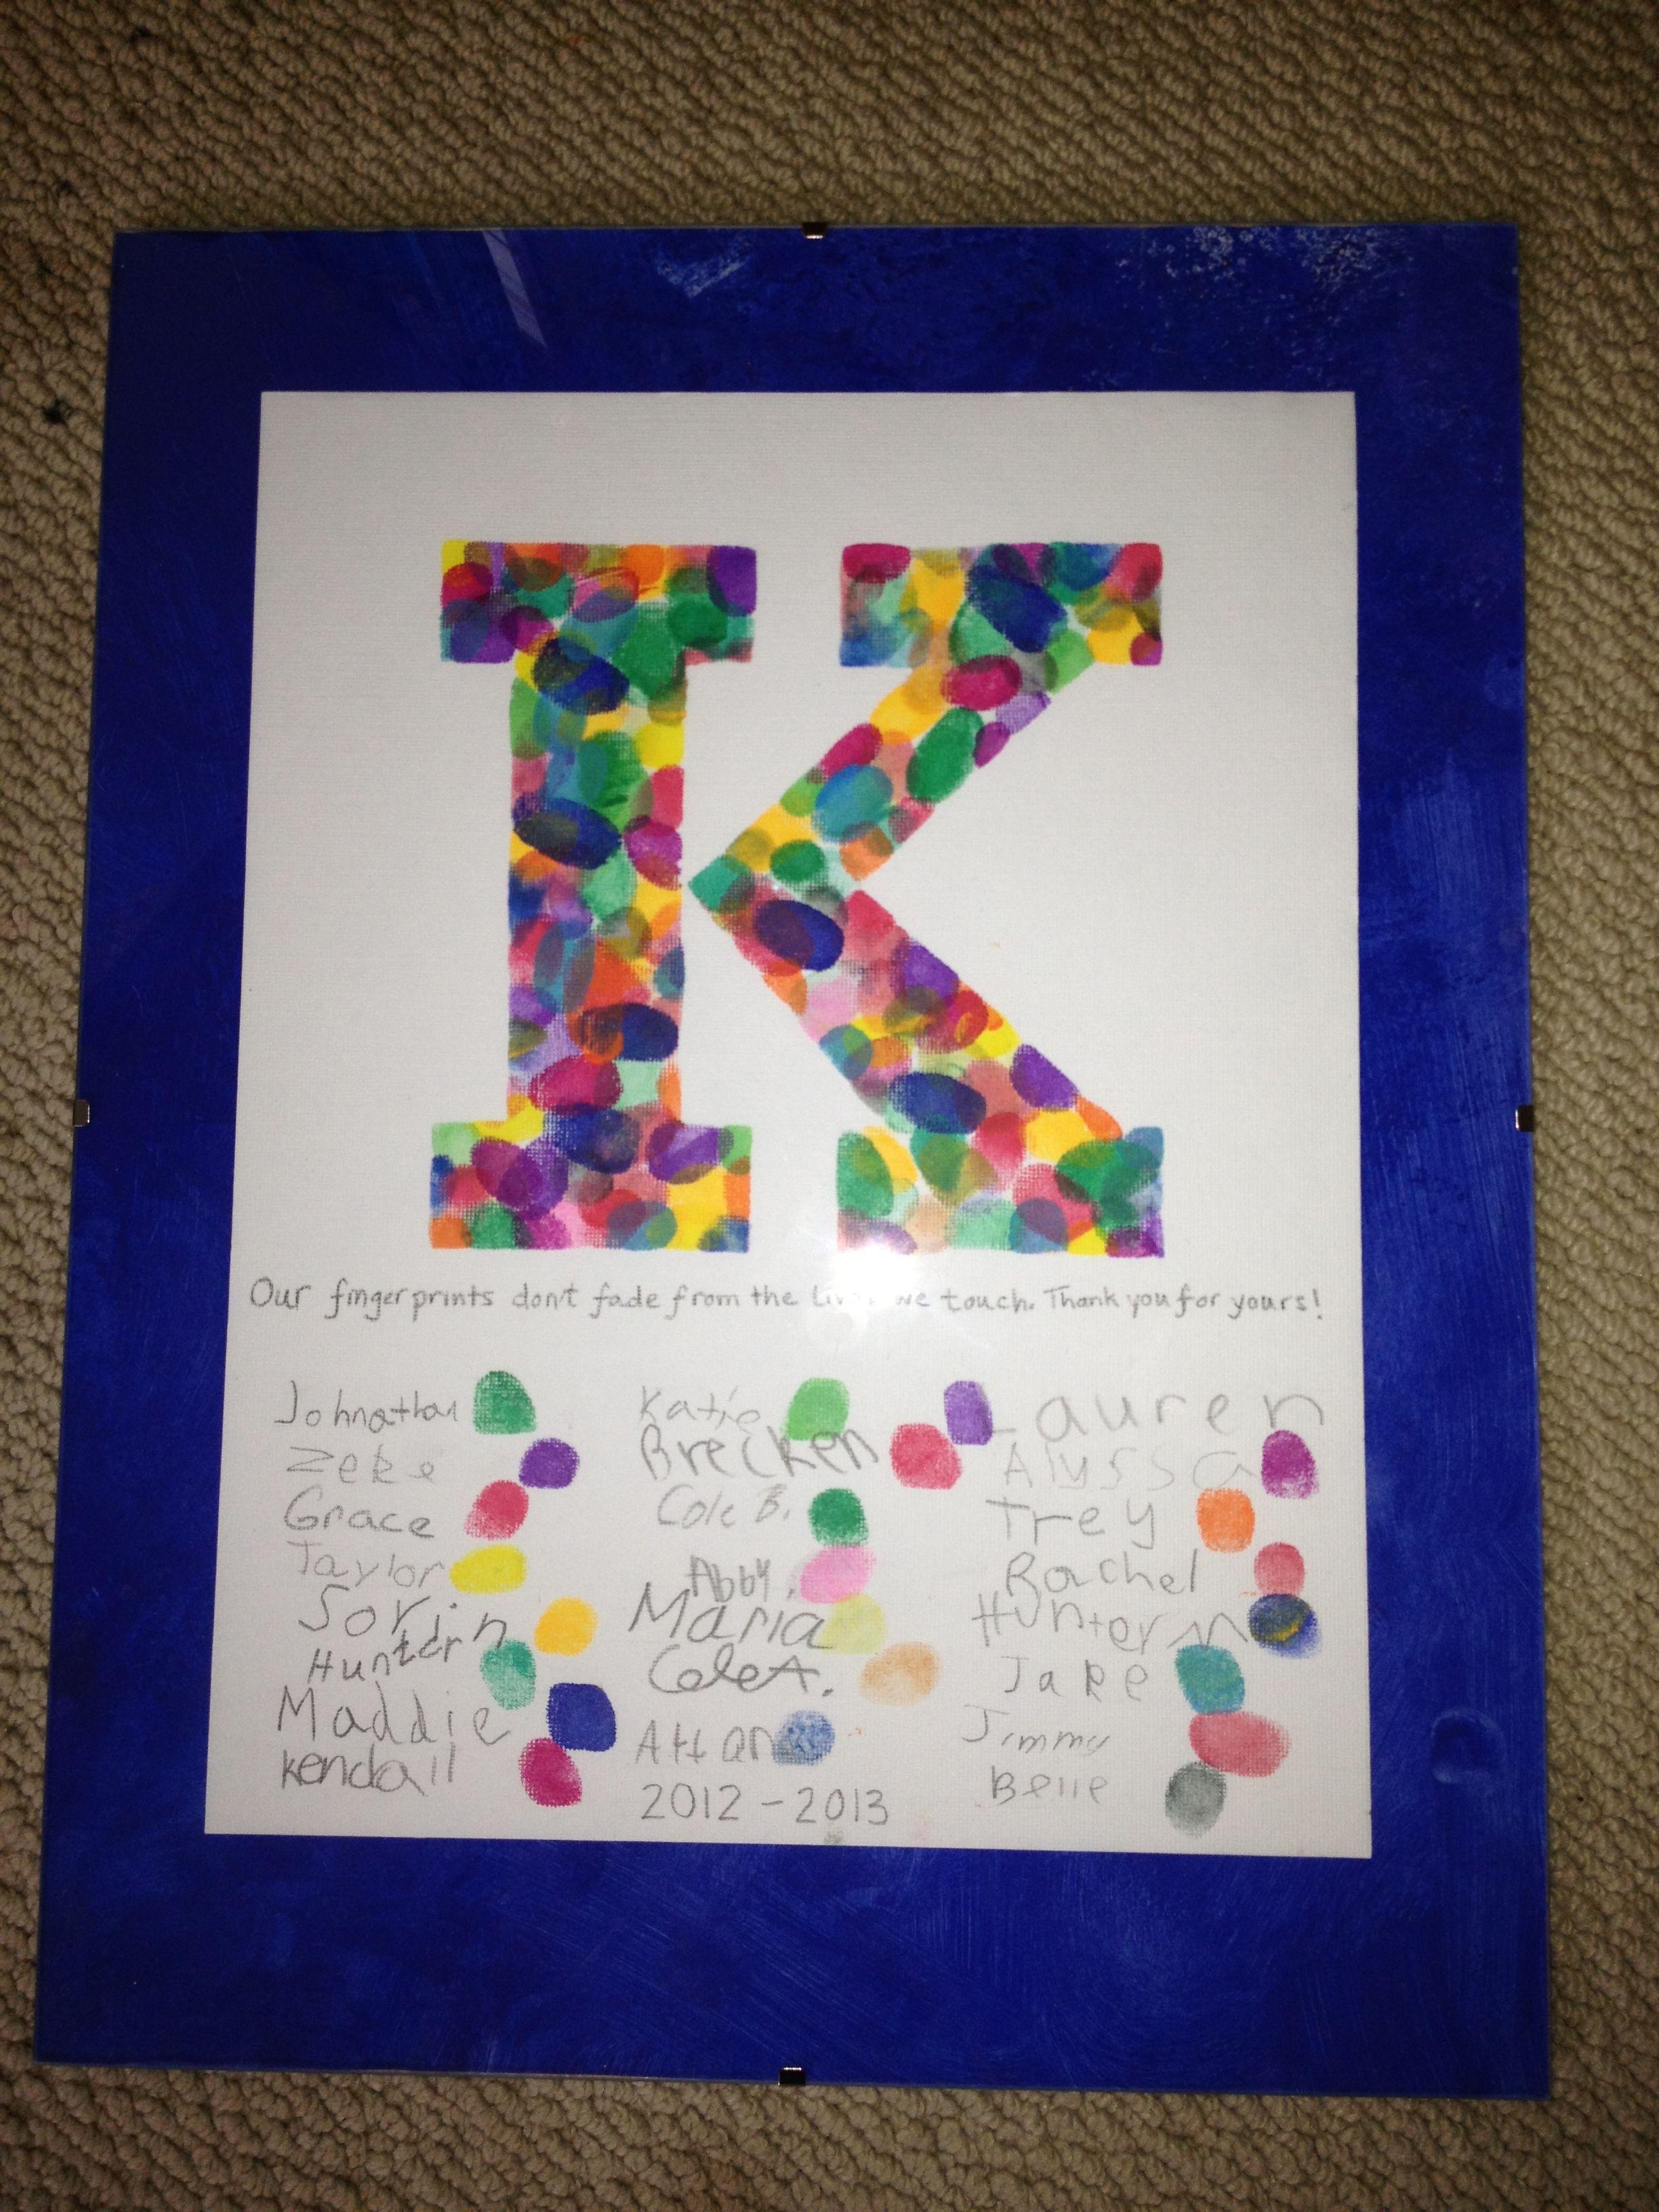 Fingerprint letter as teacher gift... Our fingerprints don